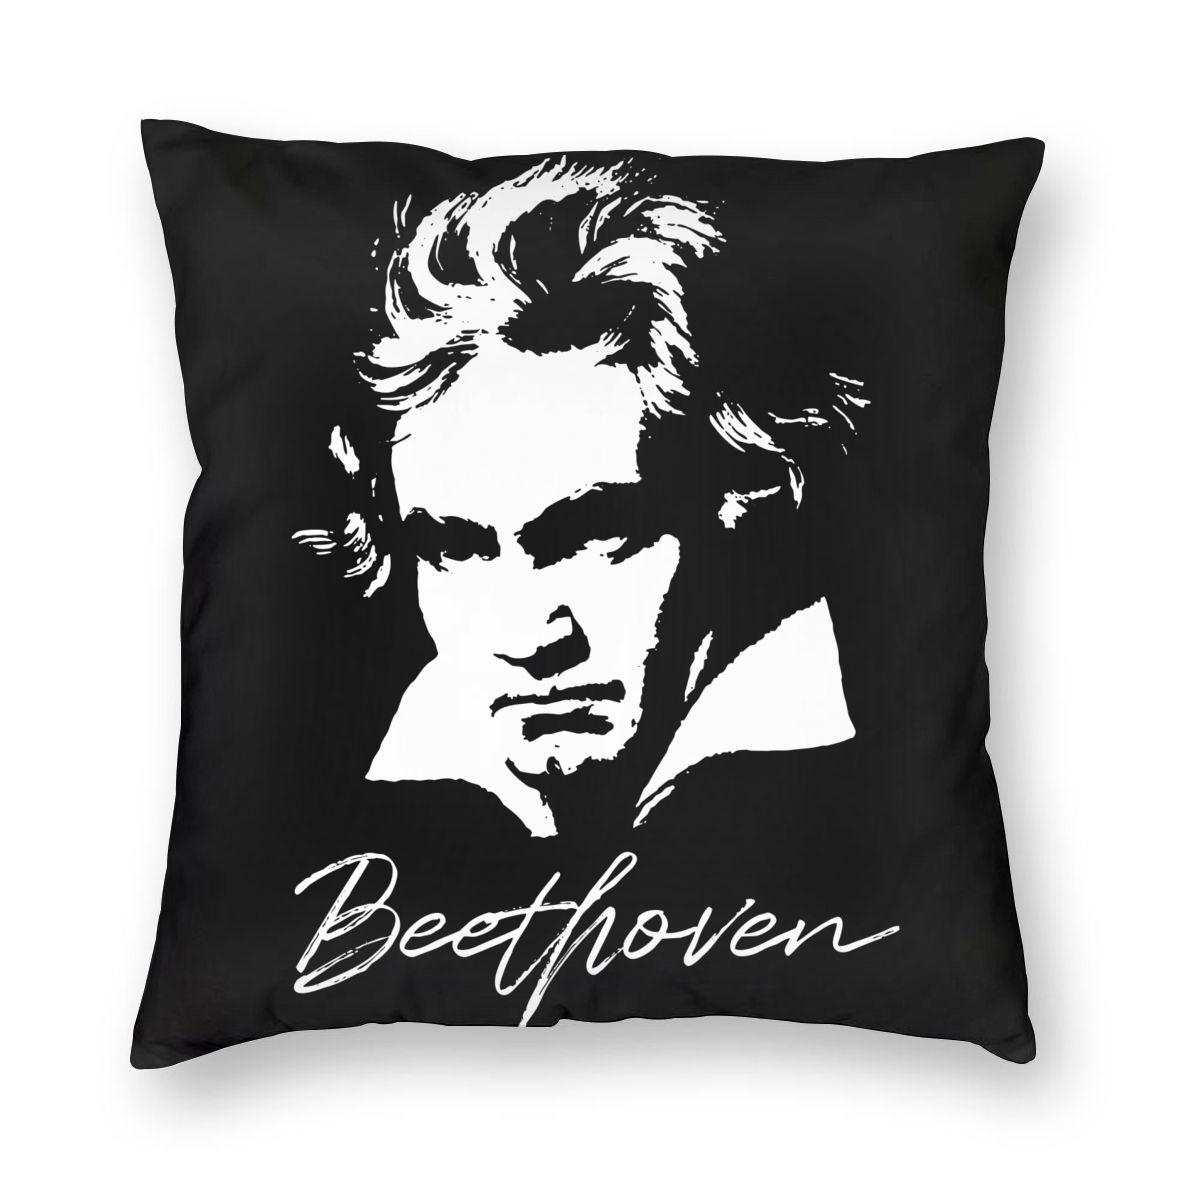 Ludwig Van beetken-funda de almohada cuadrada de poliéster, decorativa, divertida funda de...